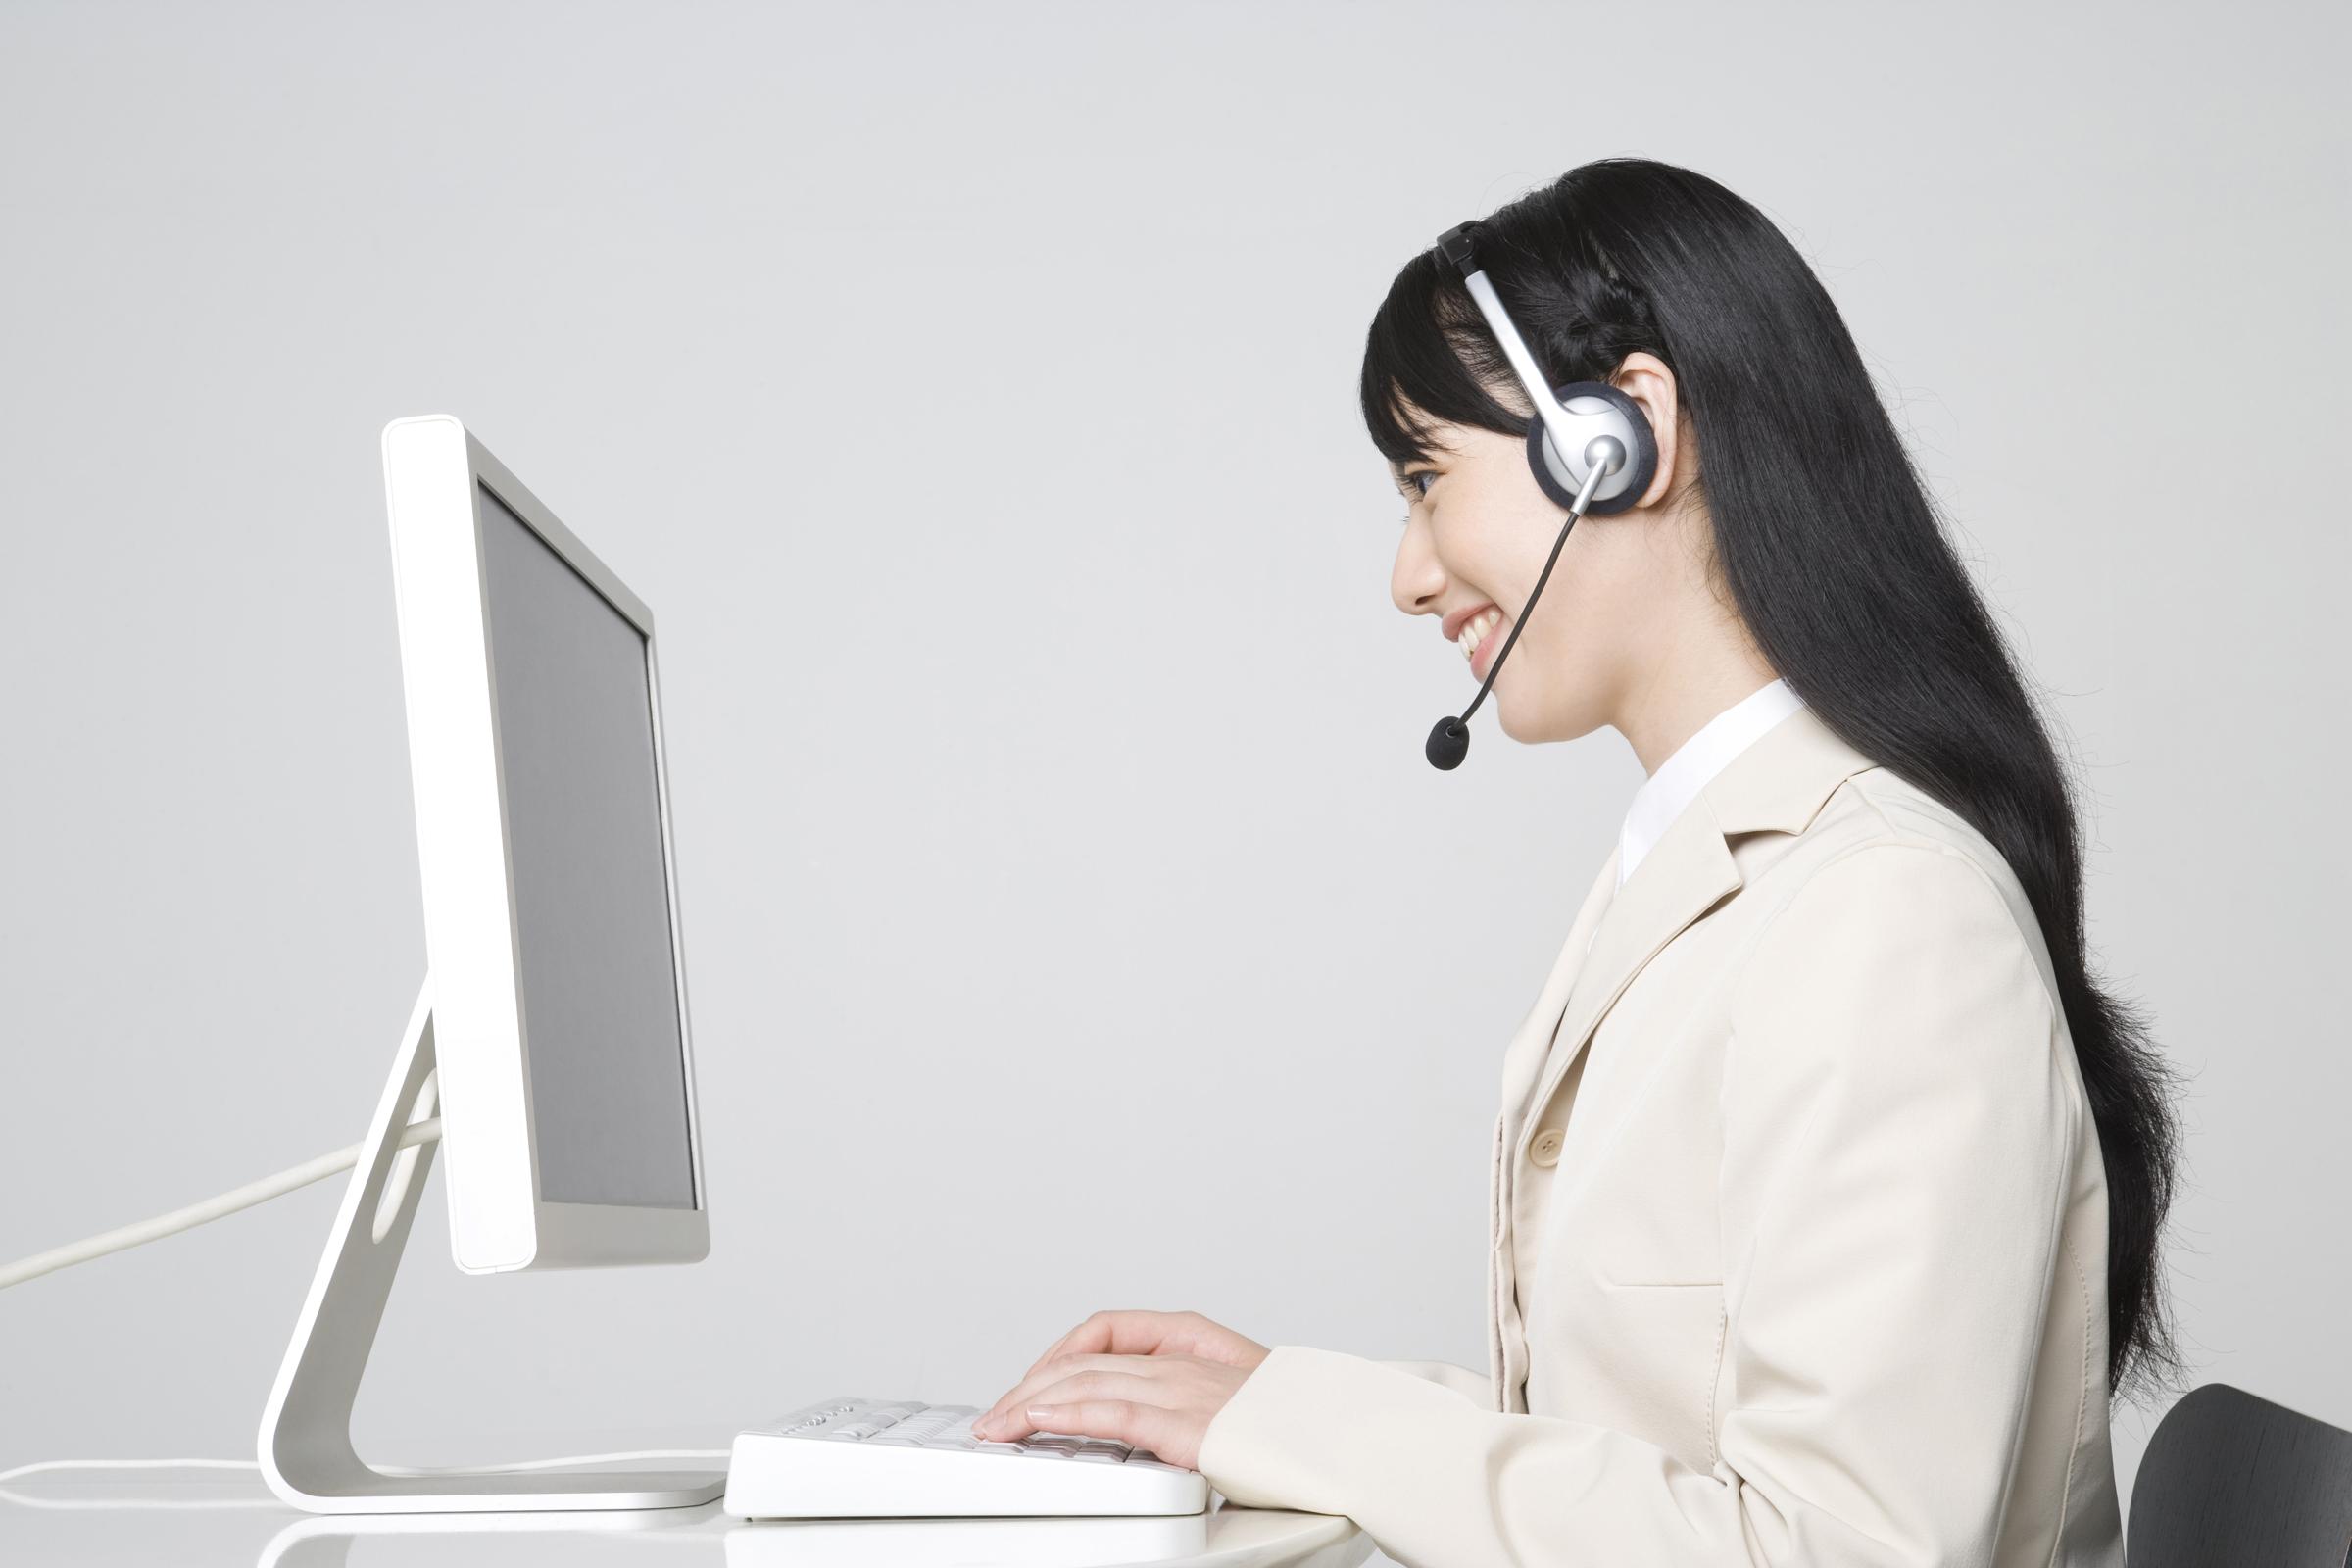 コールセンターのお仕事で得られるスキルを知りたい!